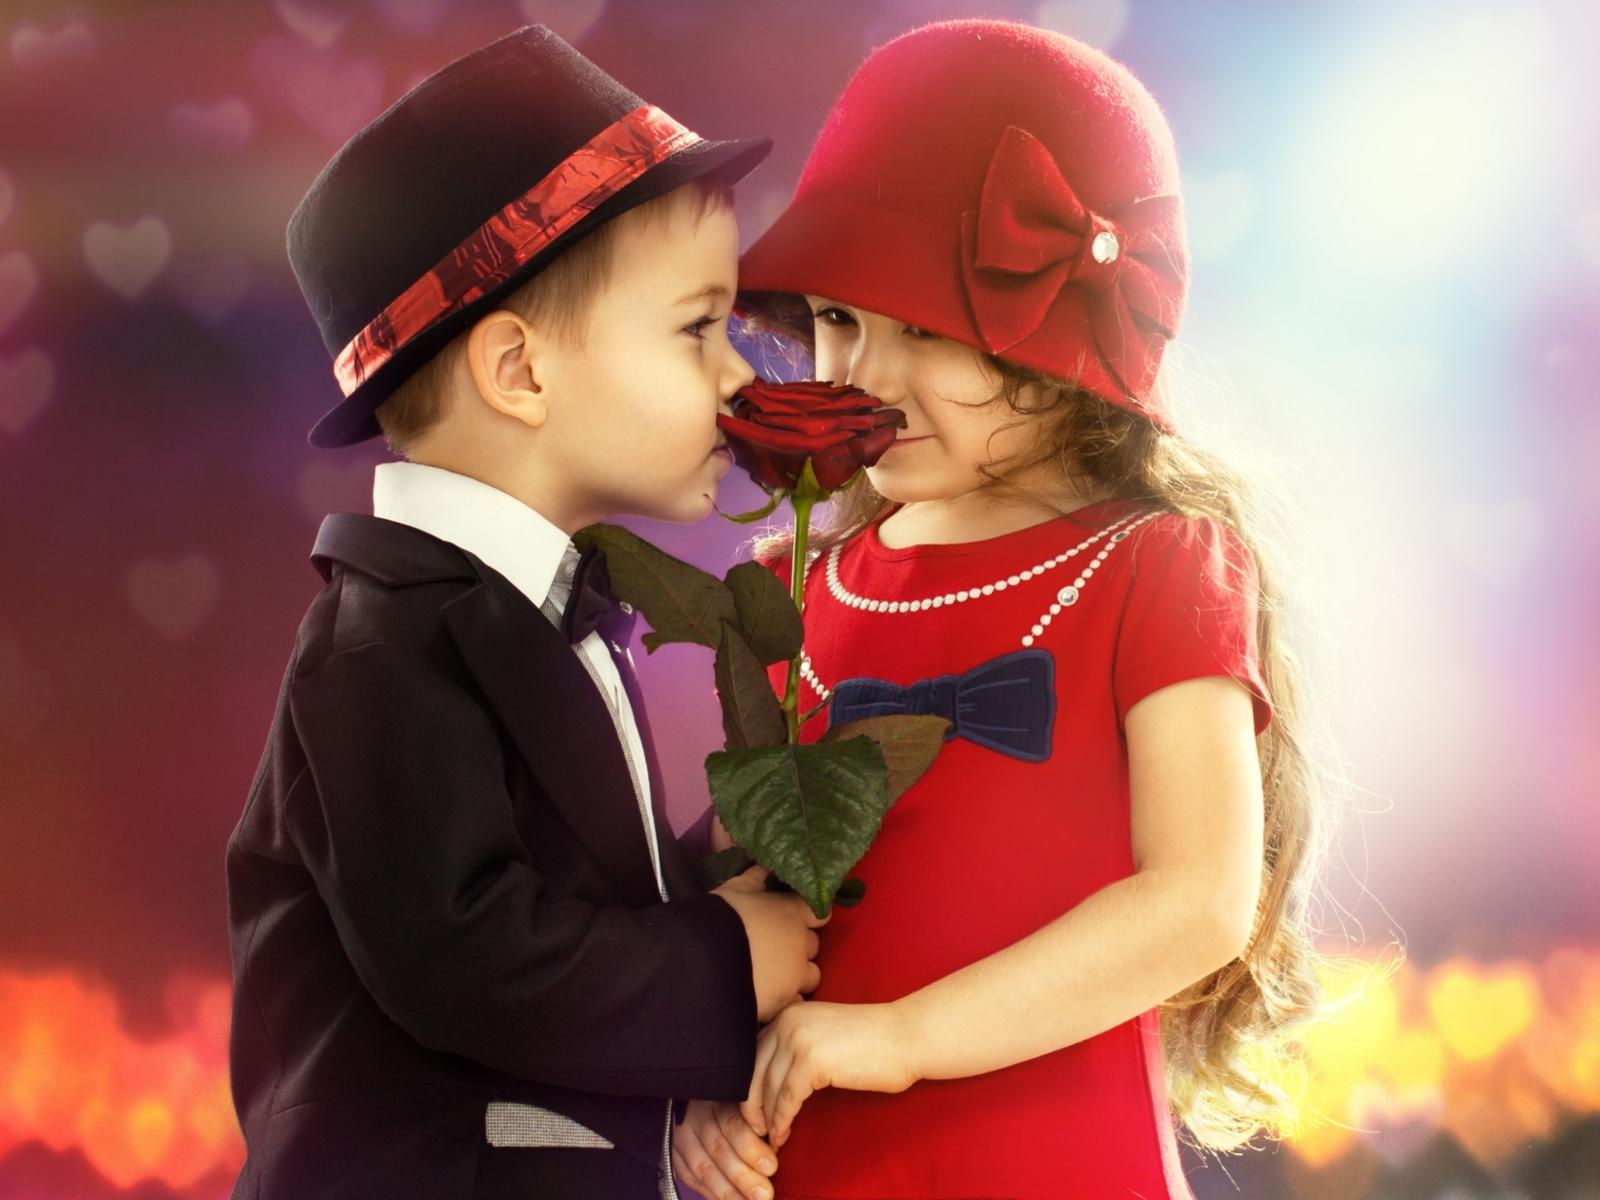 картинки про кохання на аву цветка